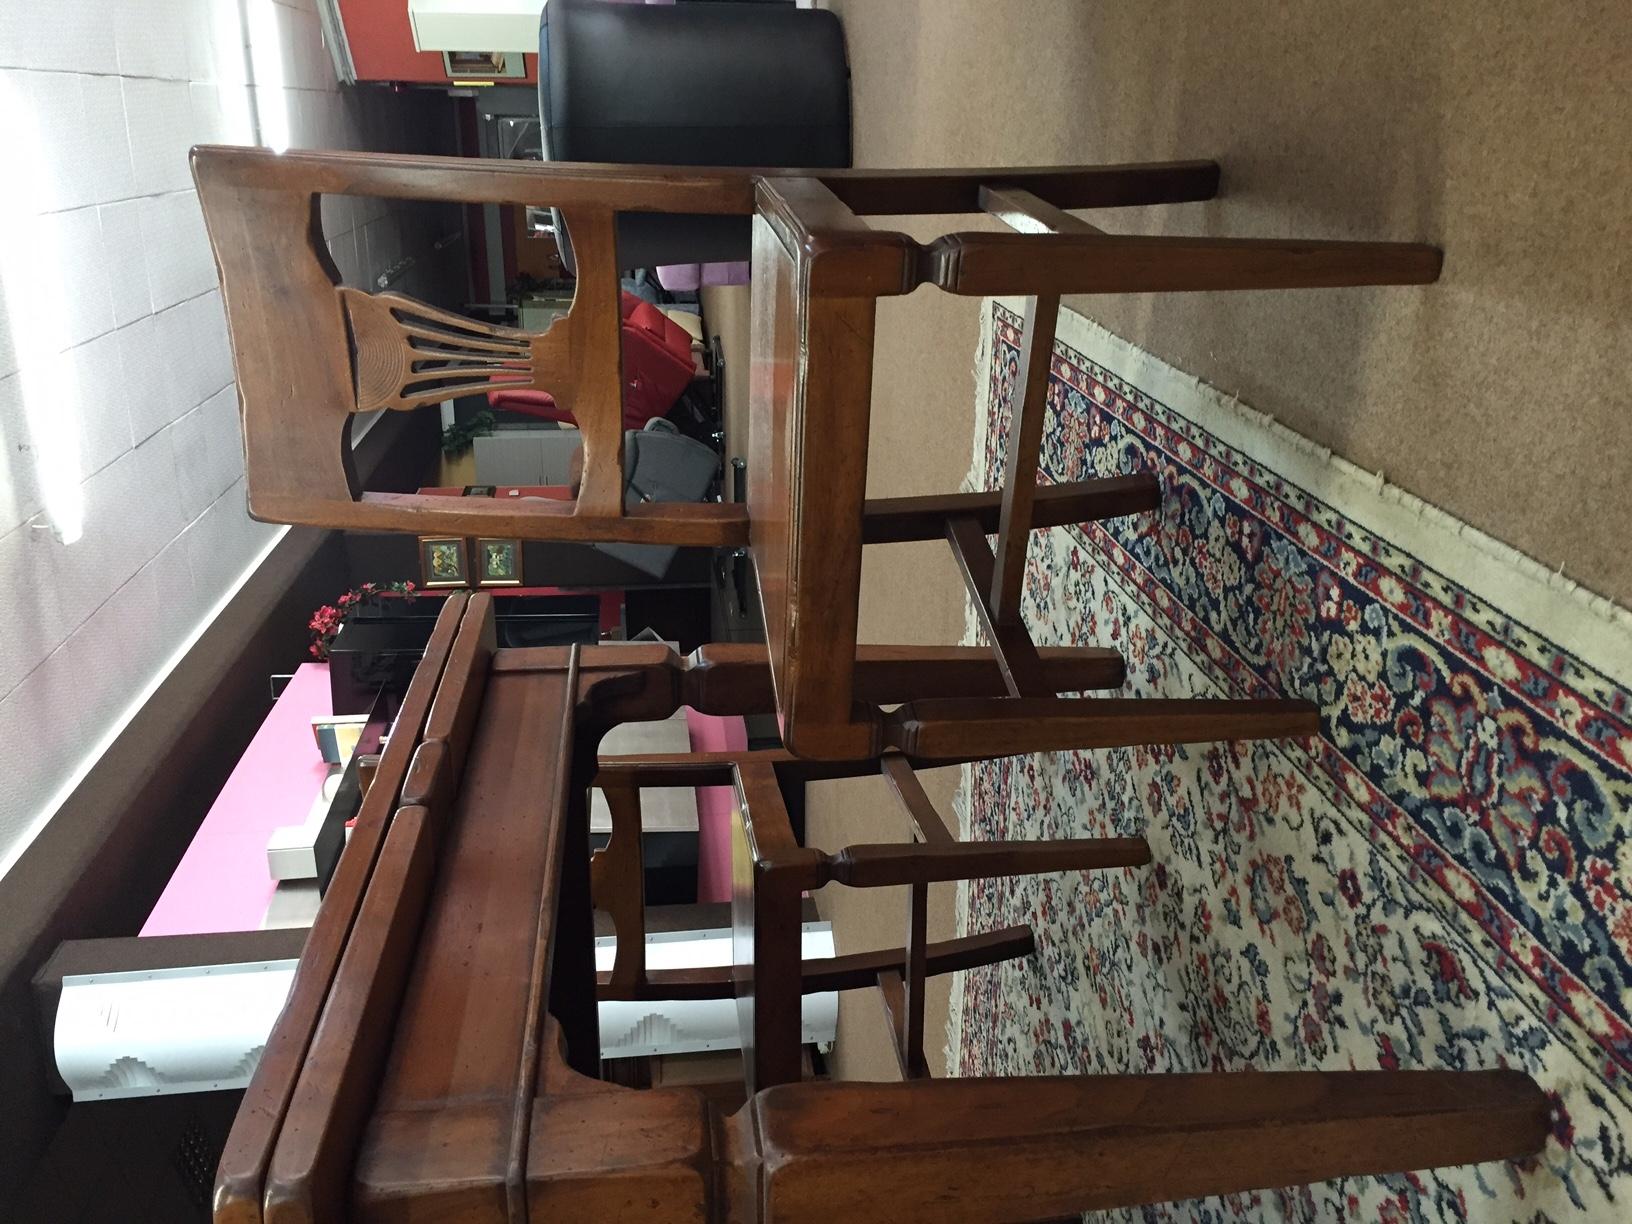 Sala Da Pranzo Modello Antiquariato Di Moletta M2 Fanno Parte Di Una #654739 1632 1224 Sala Da Pranzo Antiquariato